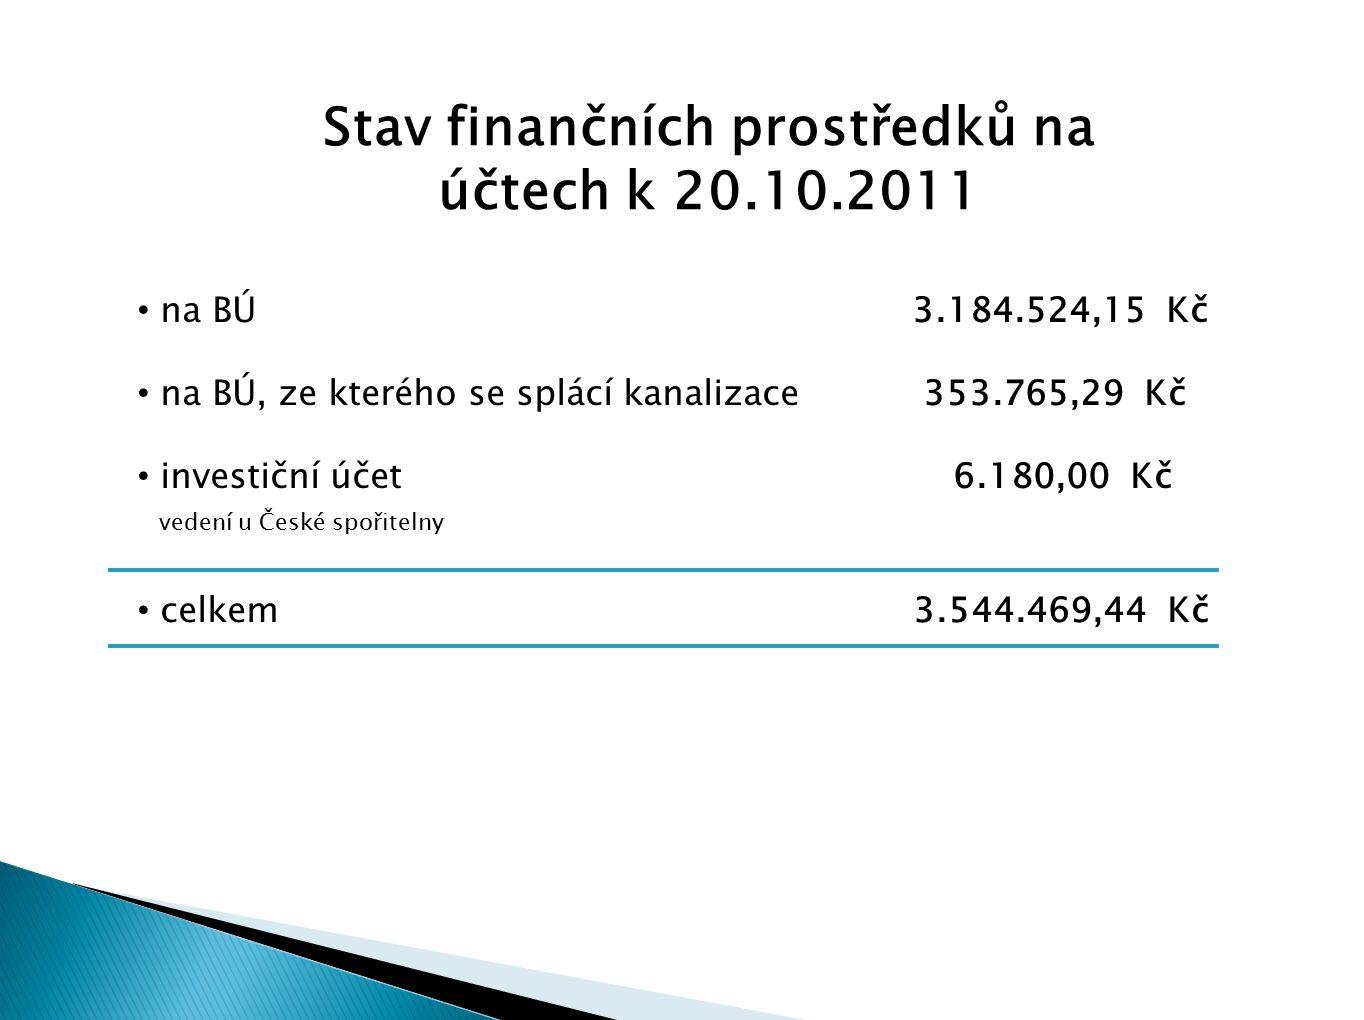 Stav finančních prostředků na účtech k 20.10.2011 na BÚ 3.184.524,15 Kč na BÚ, ze kterého se splácí kanalizace 353.765,29 Kč investiční účet 6.180,00 Kč vedení u České spořitelny celkem 3.544.469,44 Kč